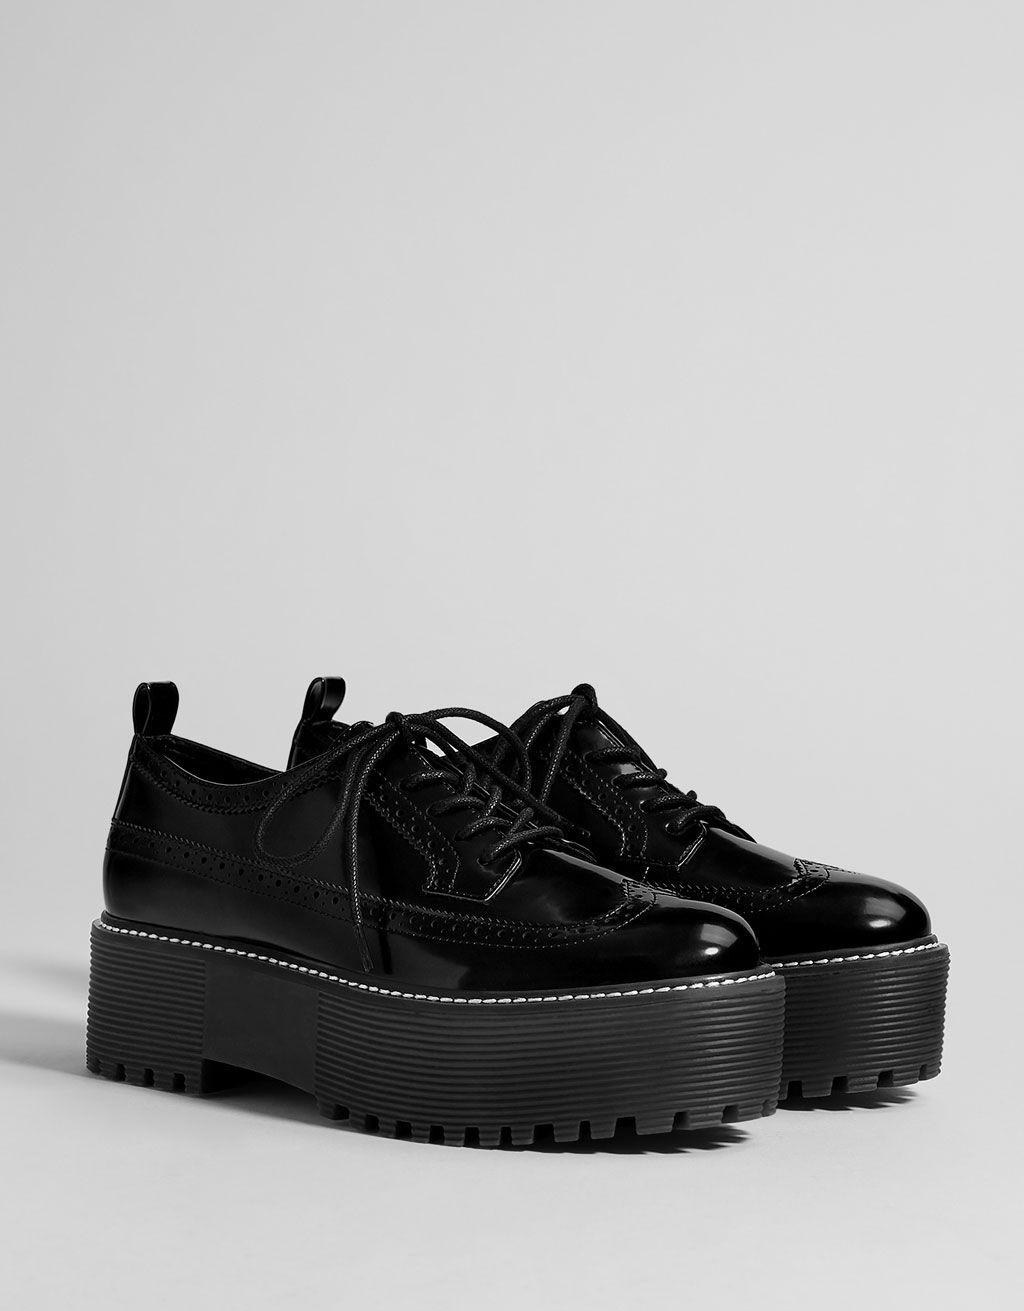 En Ésta Zapato Prendas Muchas Otras Plataforma Descubre Y Picados 6aBwa4